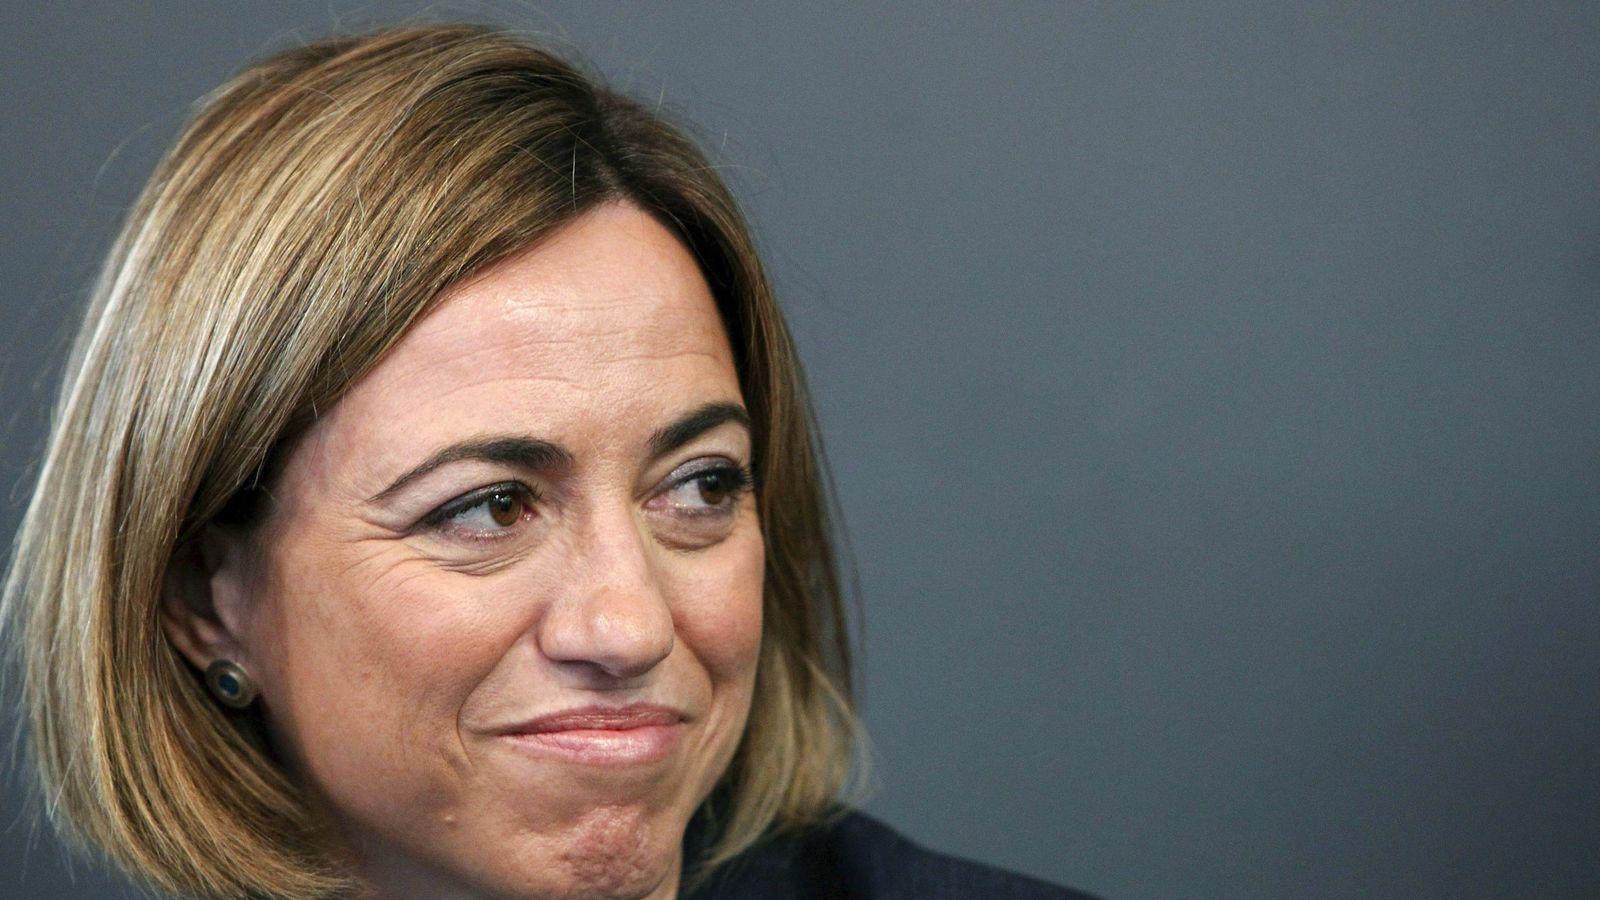 Foto: La exministra socialista de Defensa Carme Chacón. (EFE)